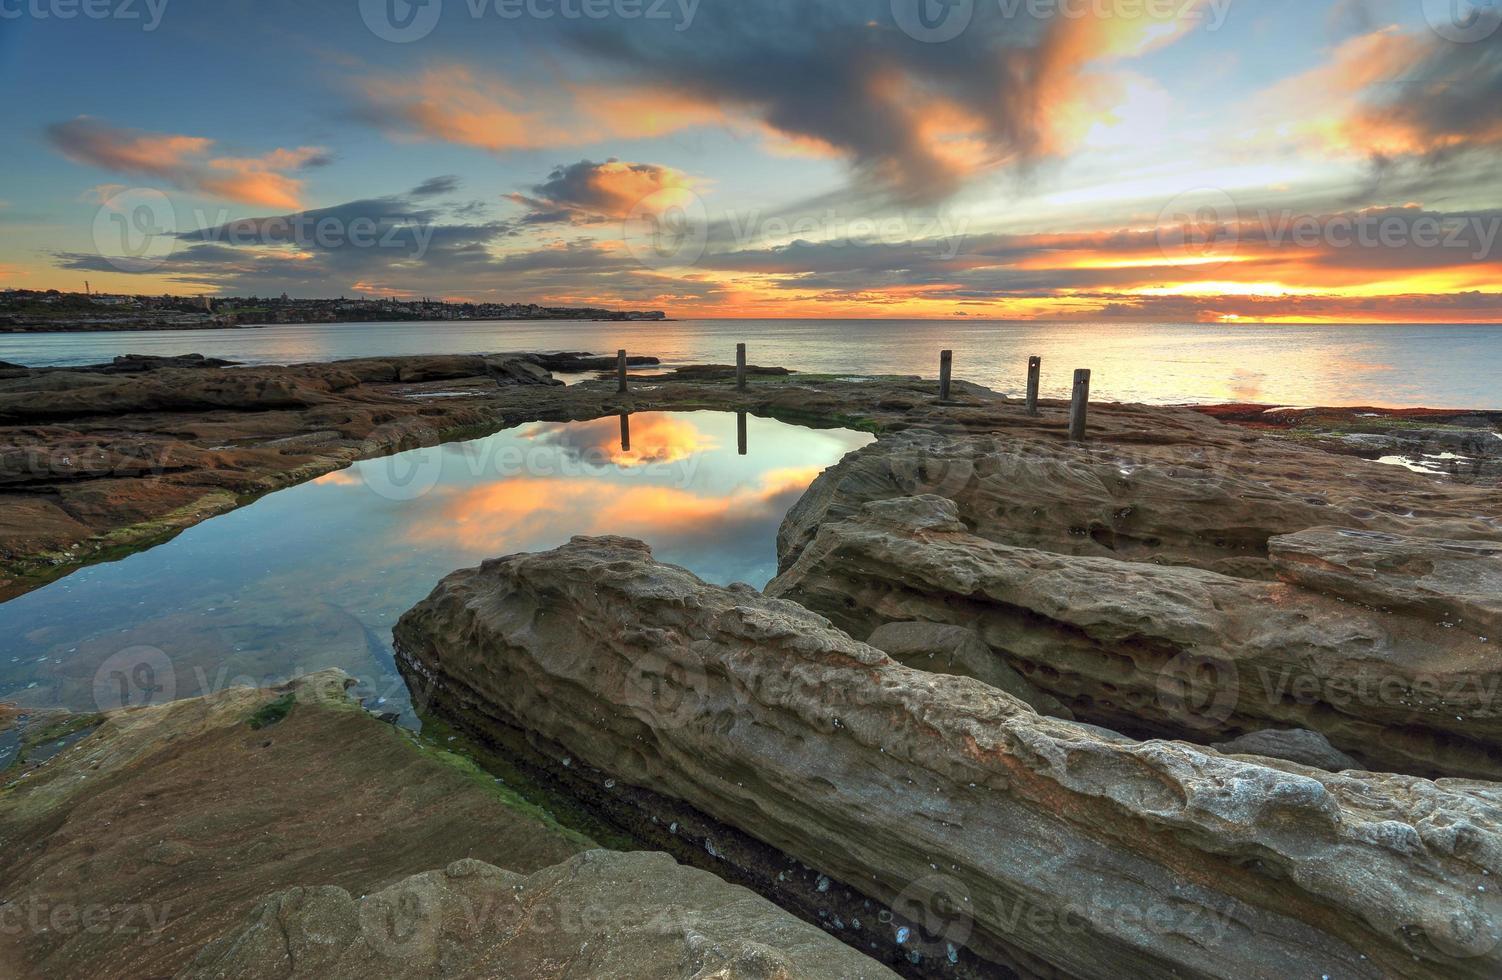 piscina de rocha natural, coogee do sul austrália foto